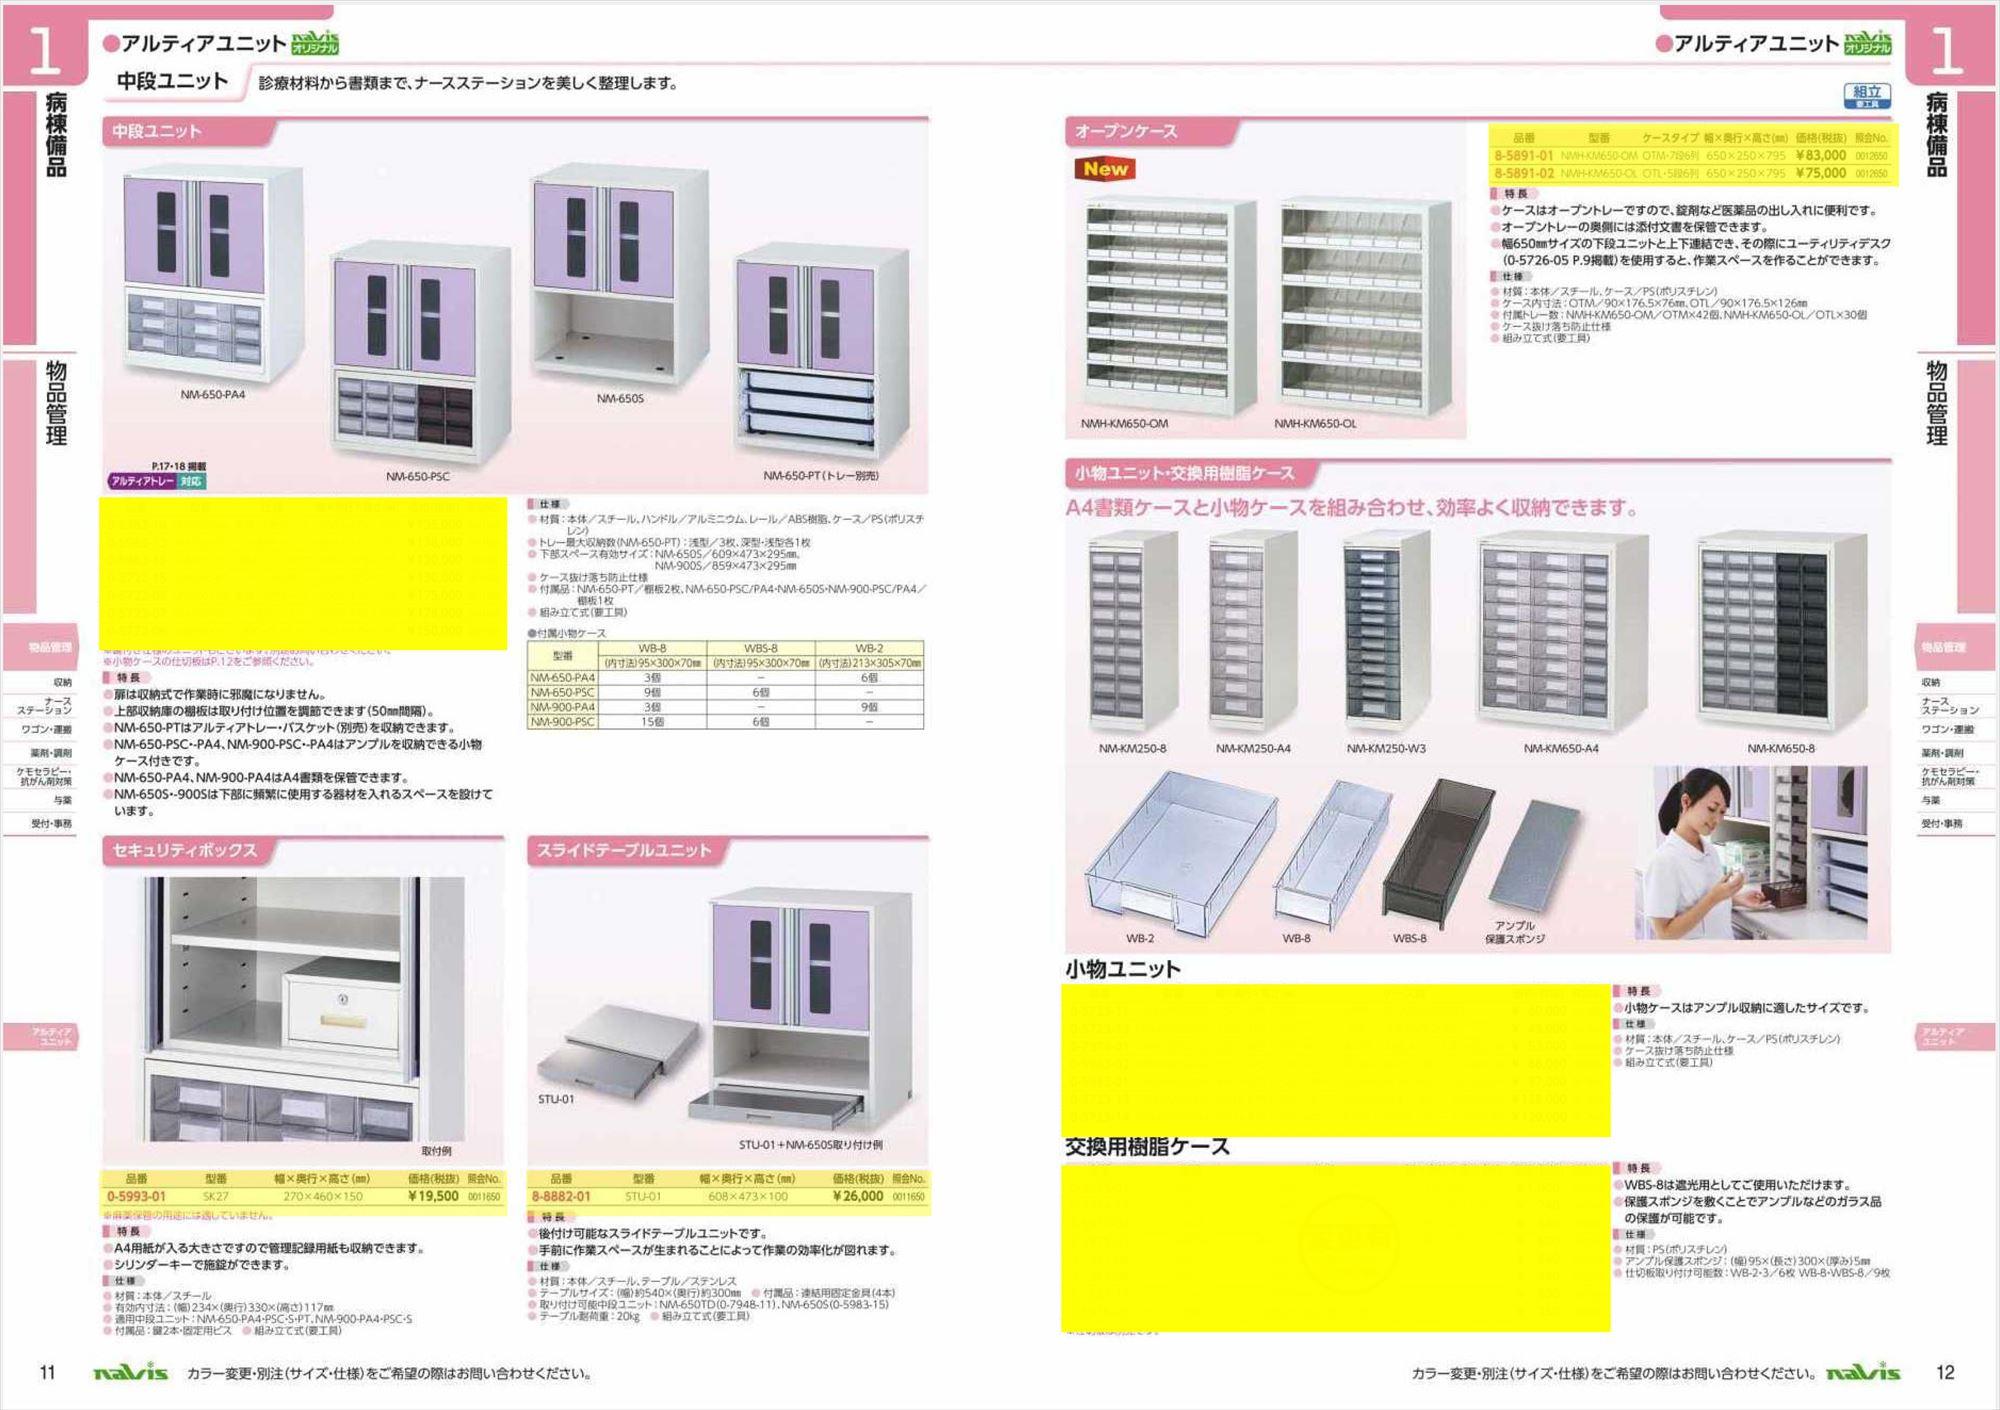 ナビス30000 8-8882-01 スライドテーブル中段ユニット 608×473×100mm アルティアチュウダンヨウスライドテ-ブルユニット N8038901 [個]